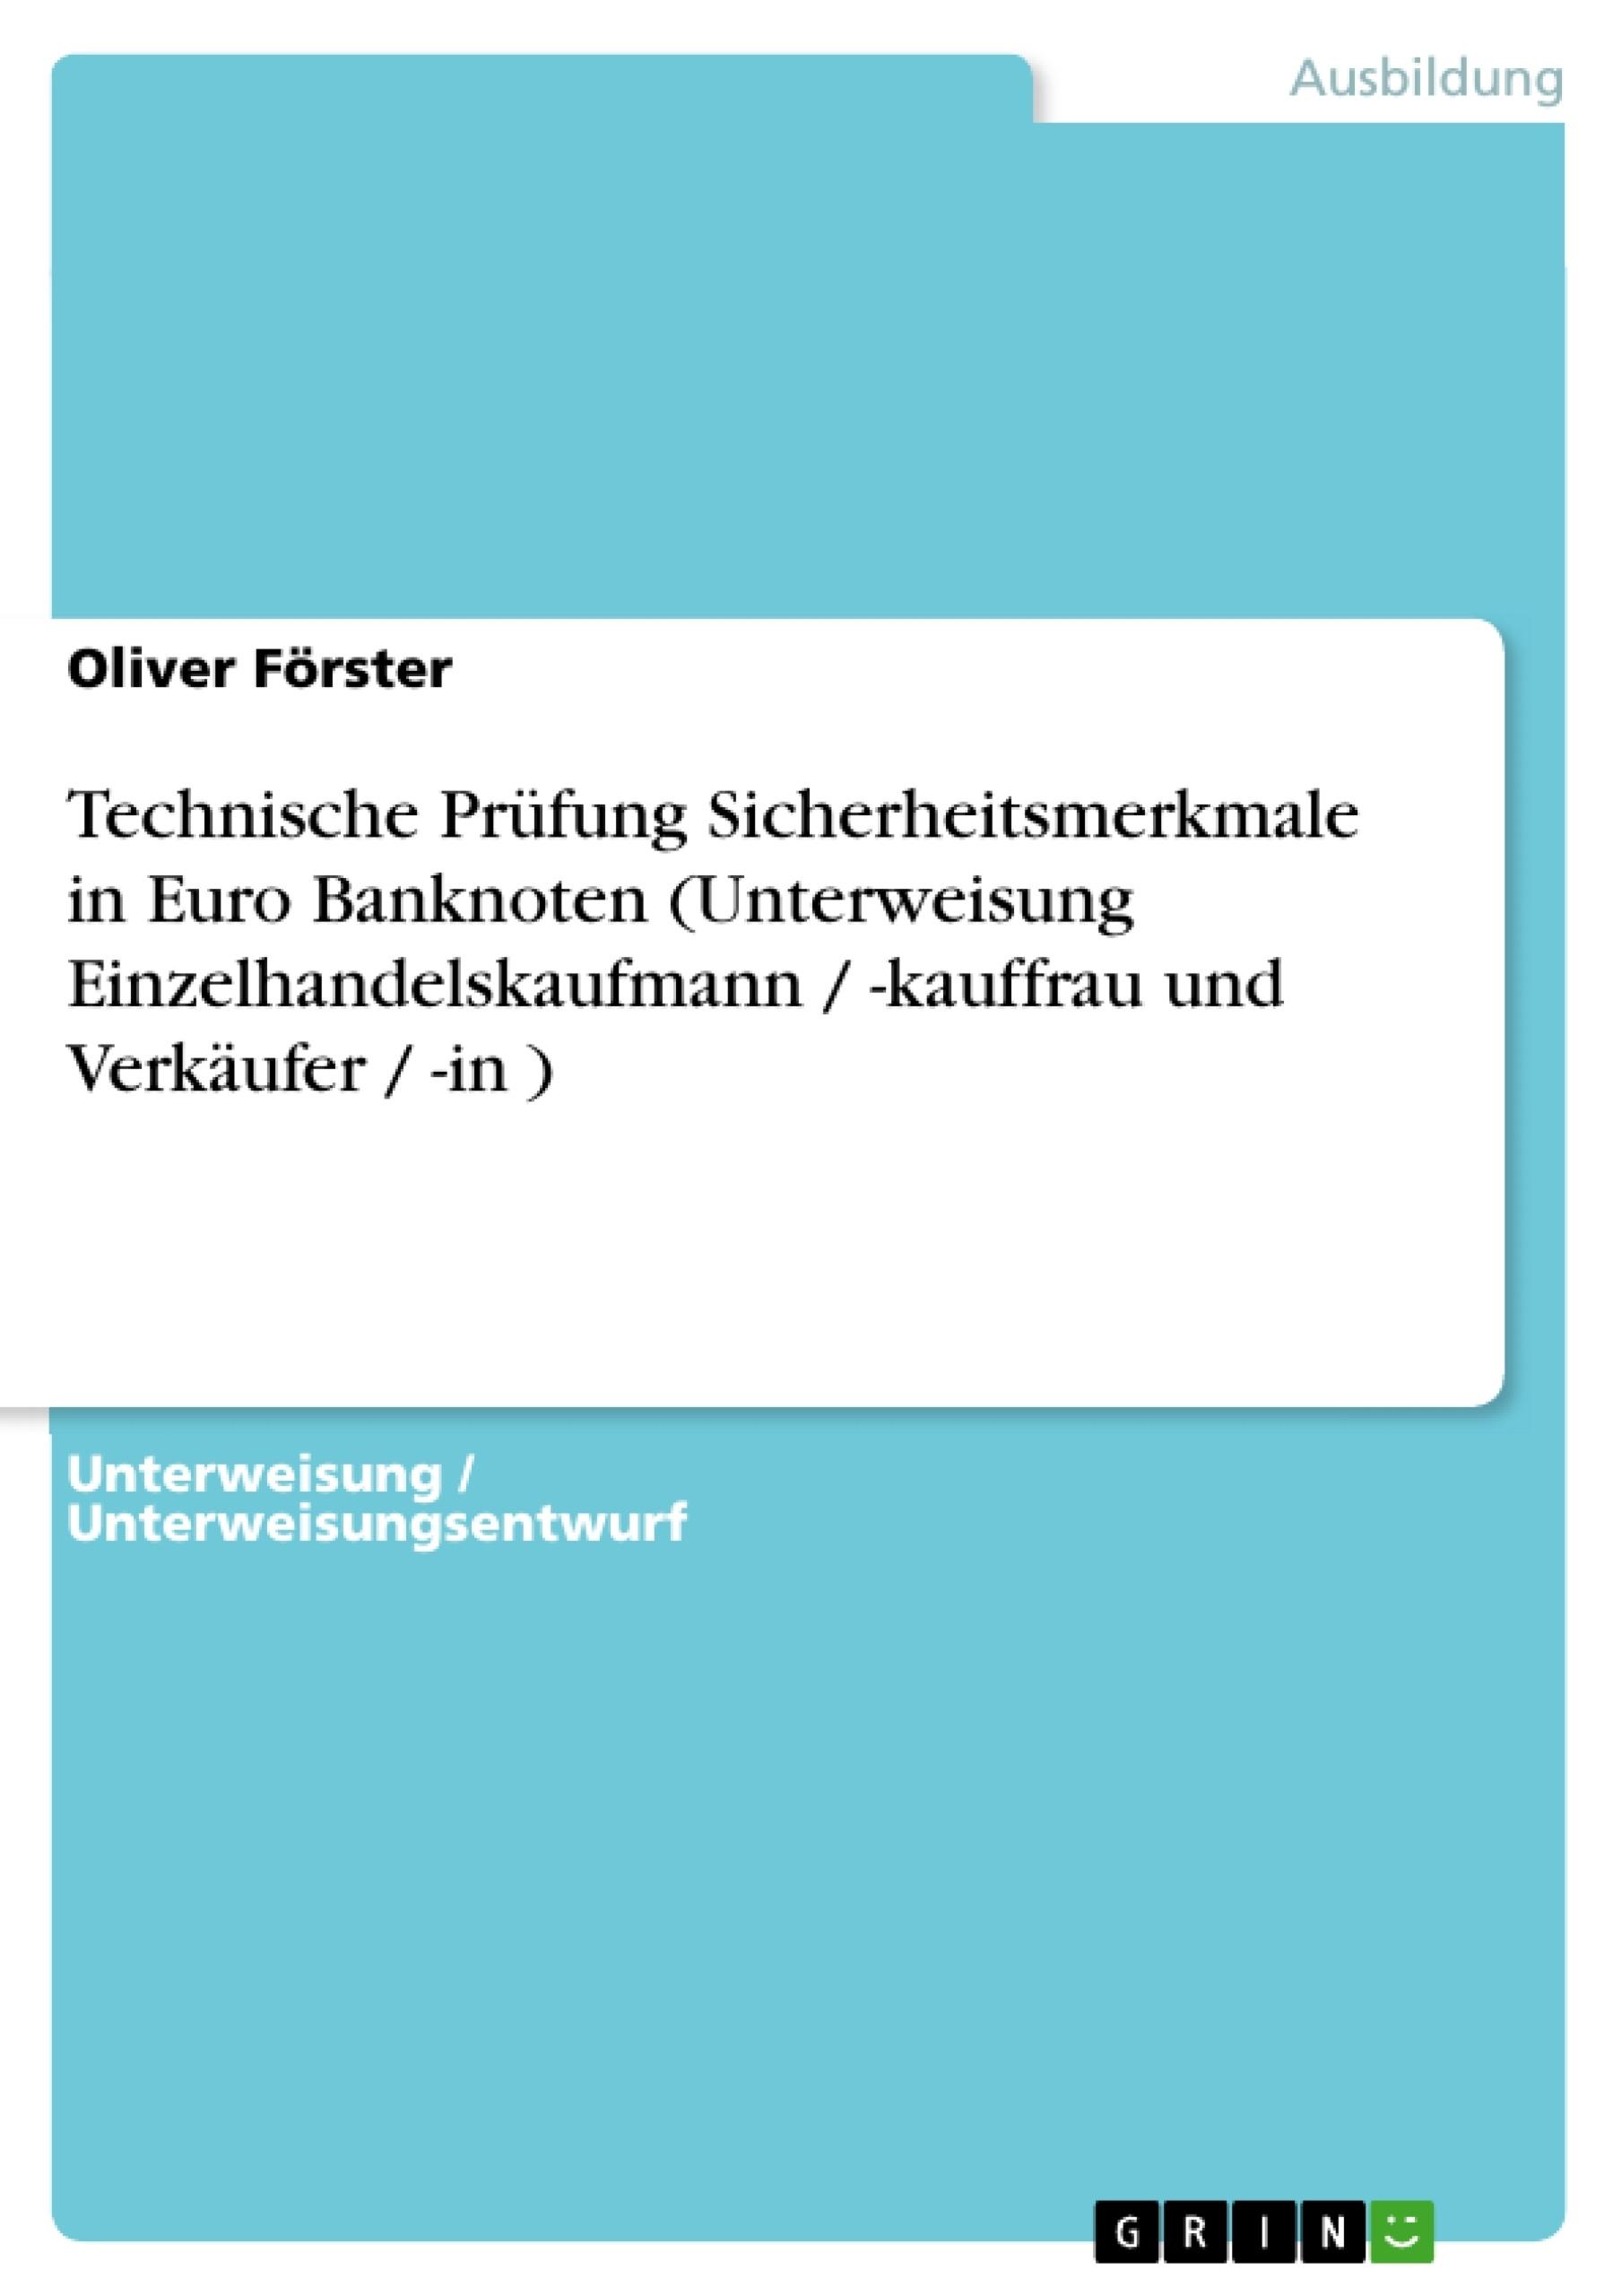 Titel: Technische Prüfung Sicherheitsmerkmale in Euro Banknoten (Unterweisung Einzelhandelskaufmann / -kauffrau und Verkäufer / -in )